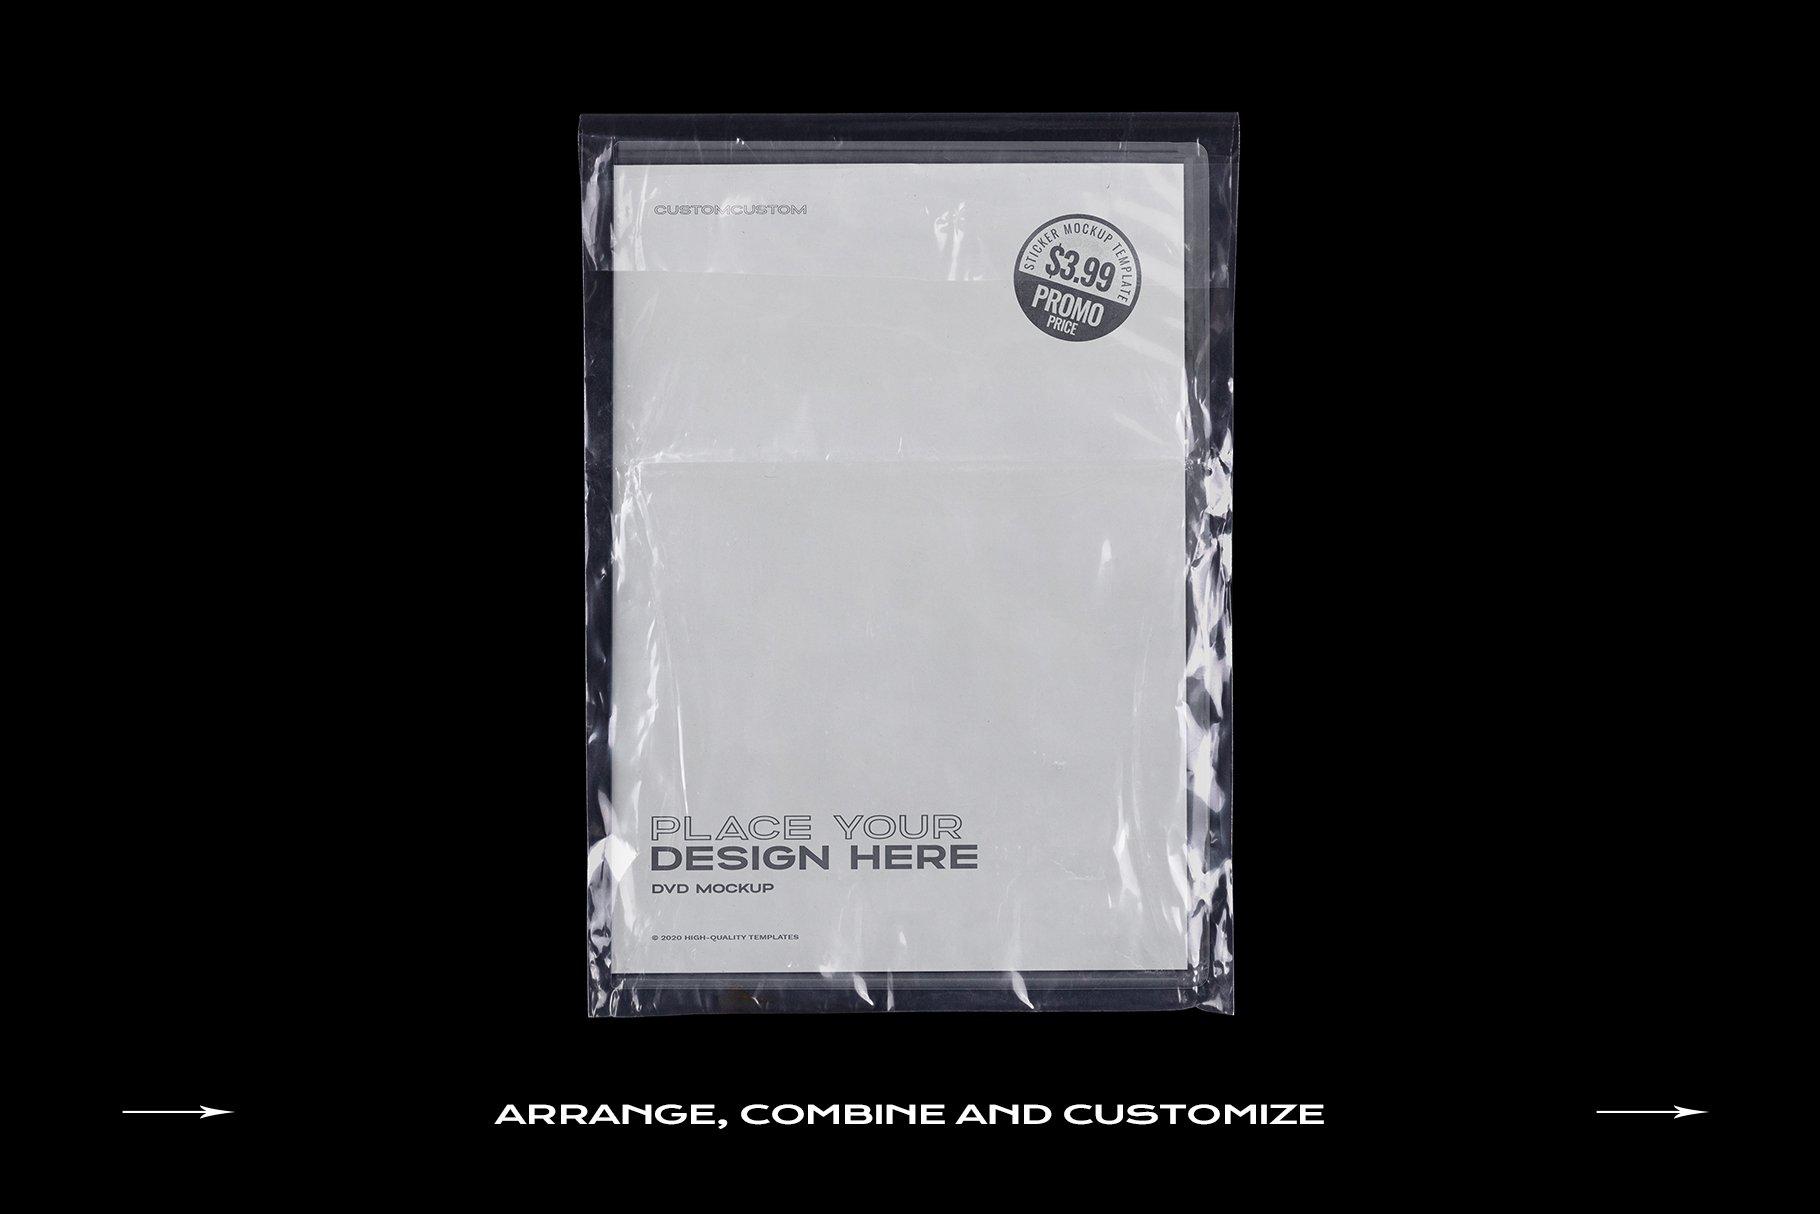 [淘宝购买] 60个DVD光盘包装盒塑料袋塑料膜贴纸样机PS设计素材 DVD Case Mockup Template Bundle Disc插图(13)